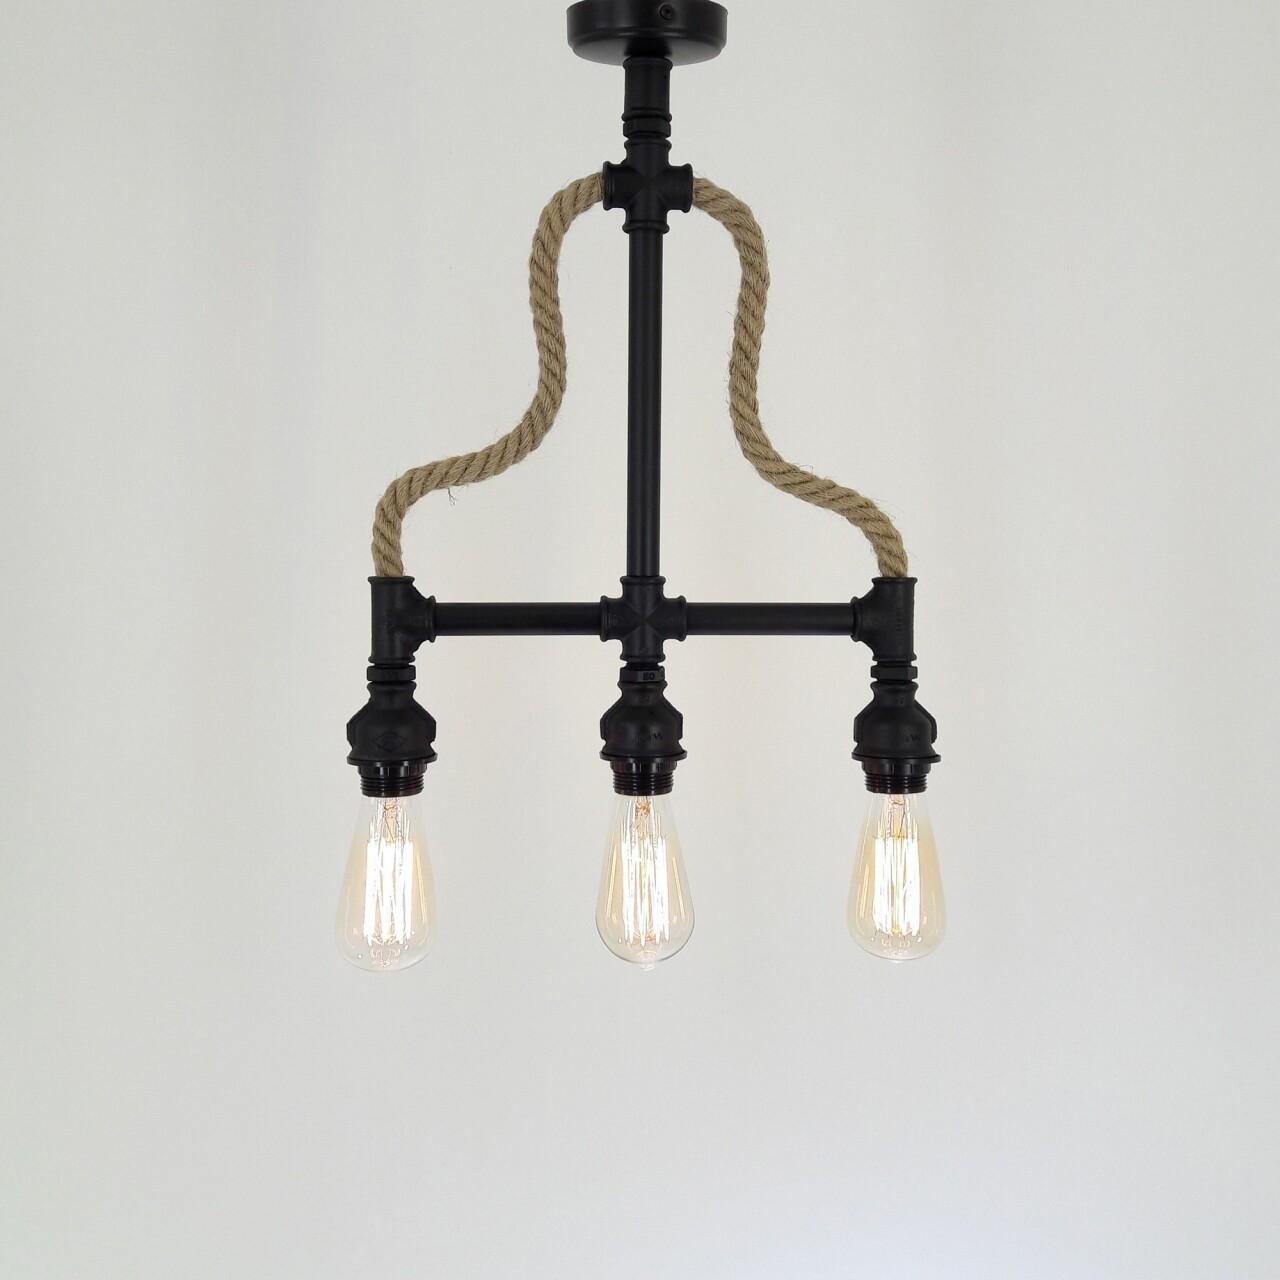 Candelabru All Design, metal, 38x50 cm, Black